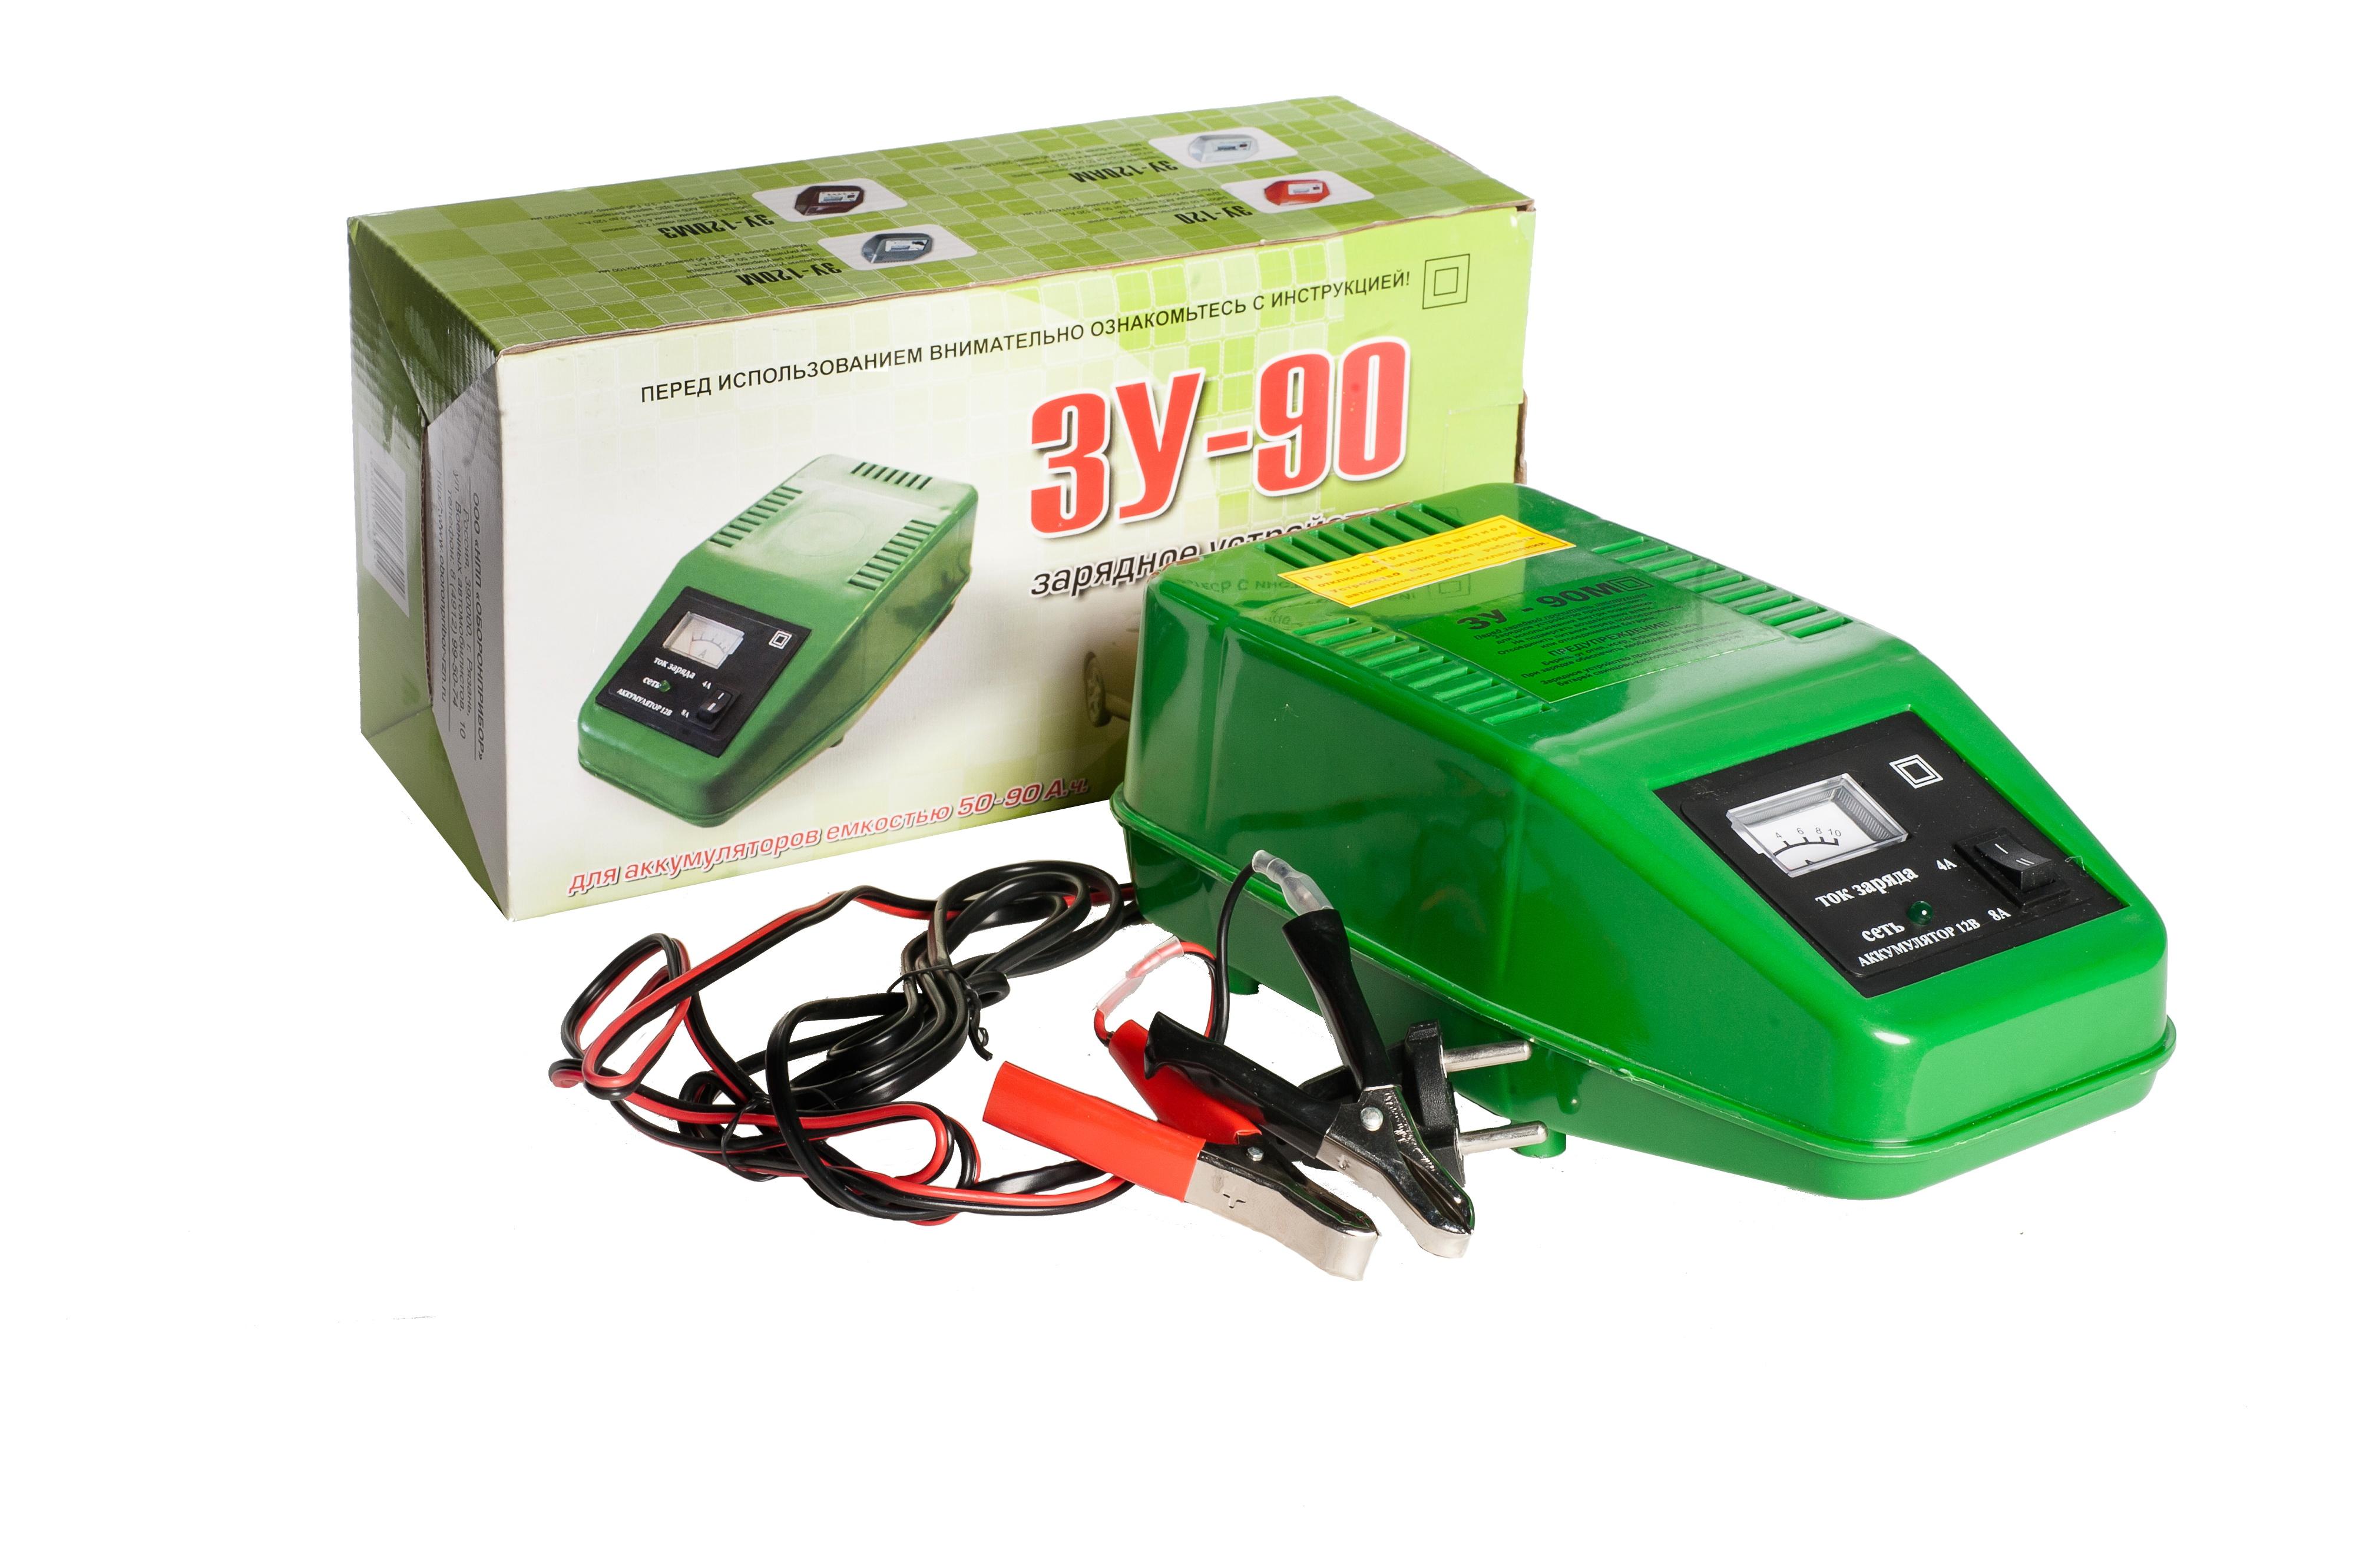 Зарядное устройство Зу 90